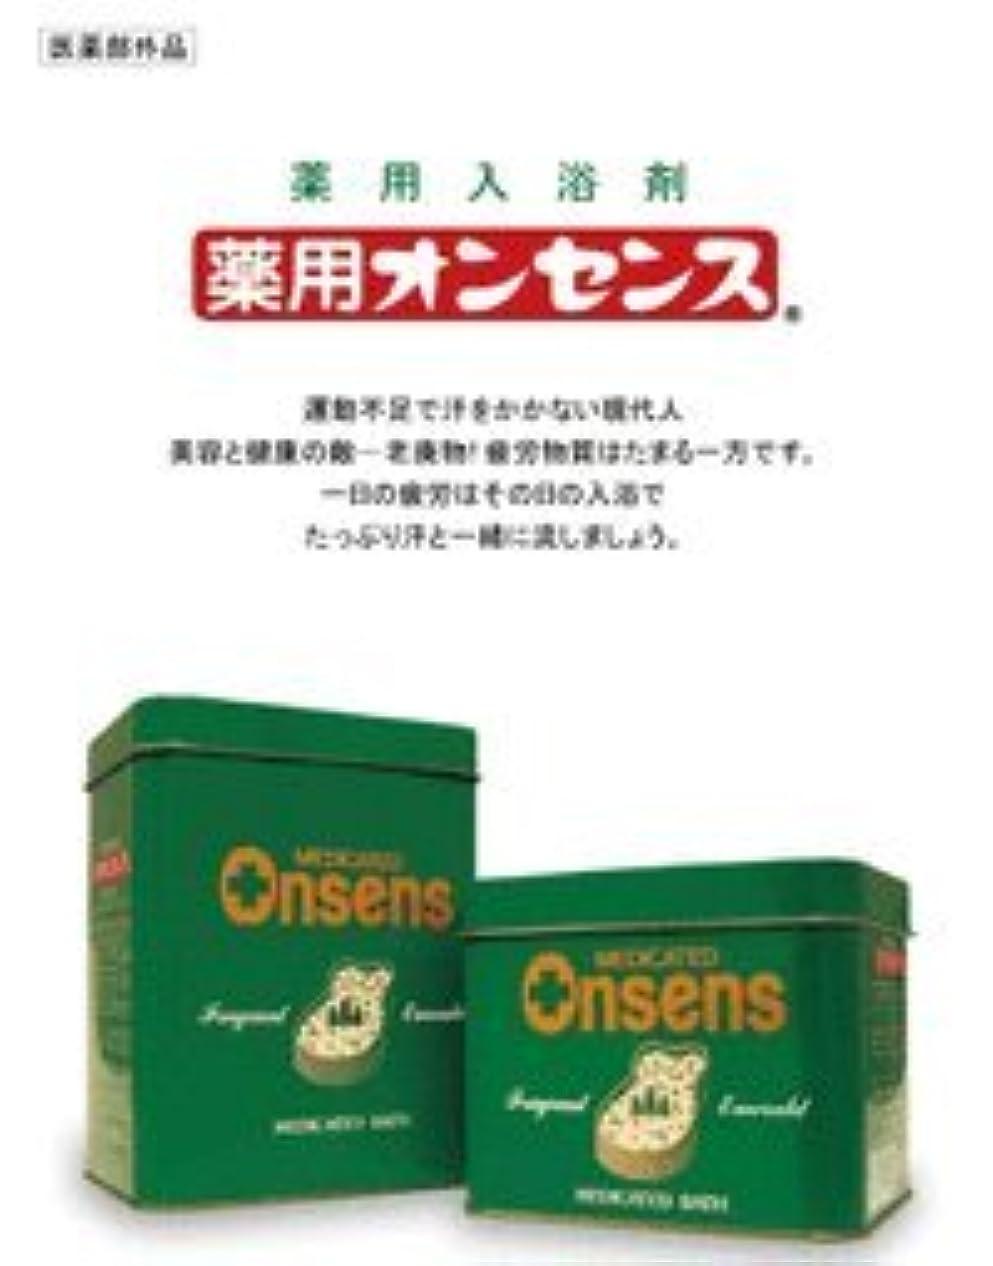 裕福な生きる加入薬用オンセンス 1.4kg缶 薬用入浴剤 松葉エキス(松柏科植物の製油) 入浴剤 医薬部外品